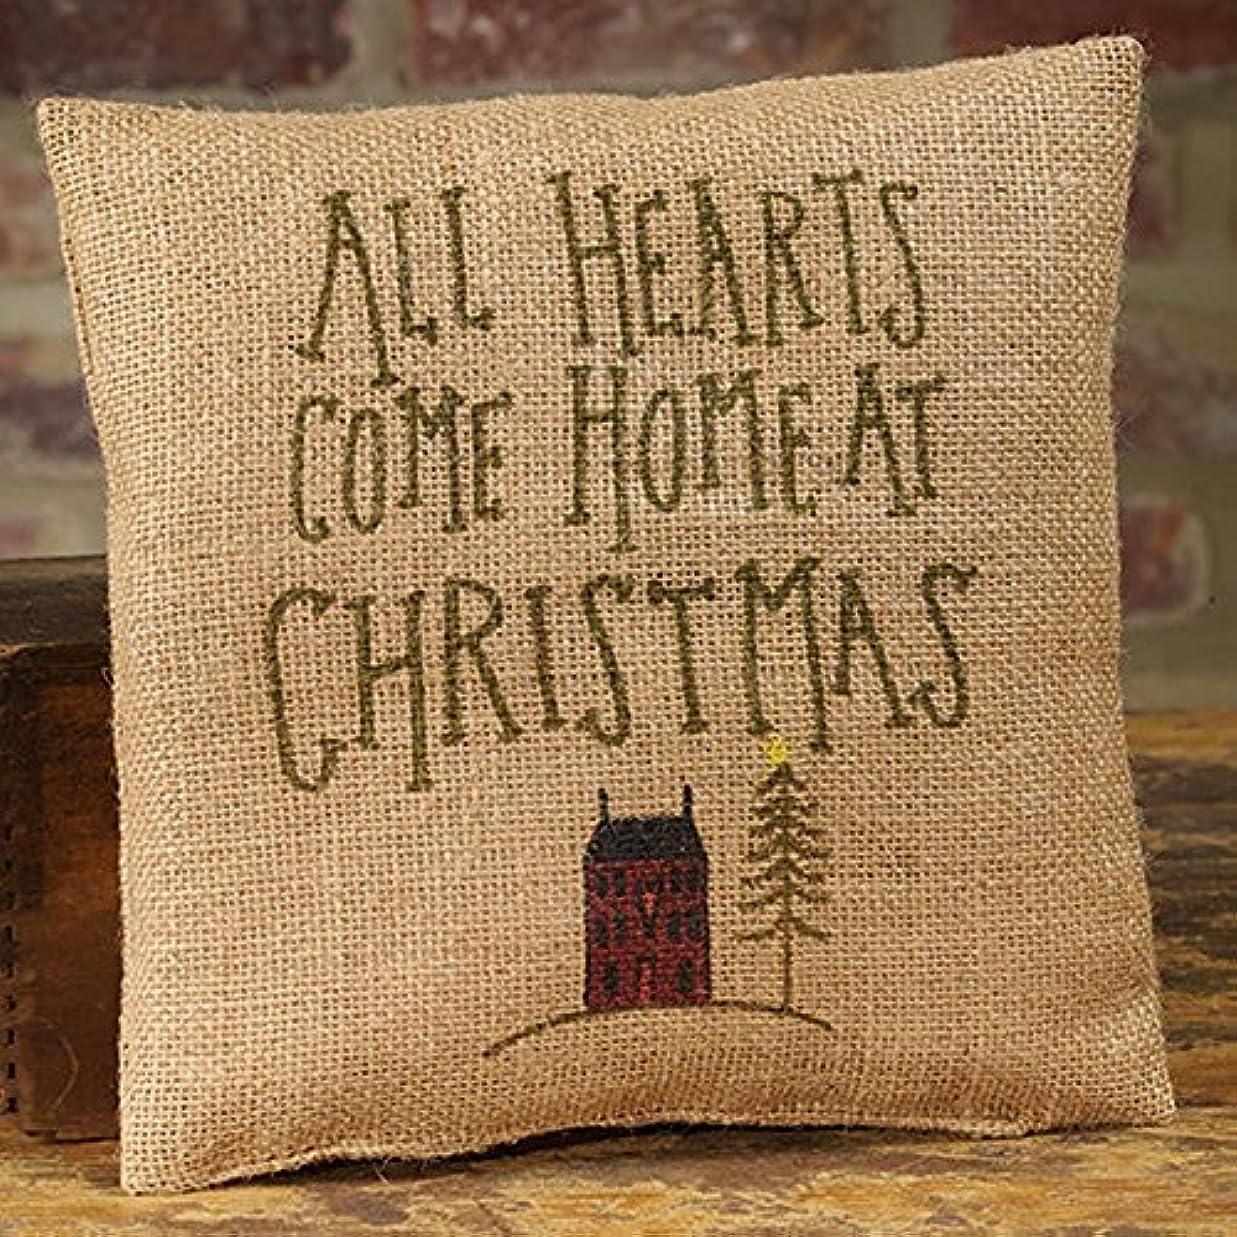 神話発掘する開示するThe Country House Collection Hearts Come Home at Christmas 8 x 8 Burlap Decorative Throw Pillow [並行輸入品]